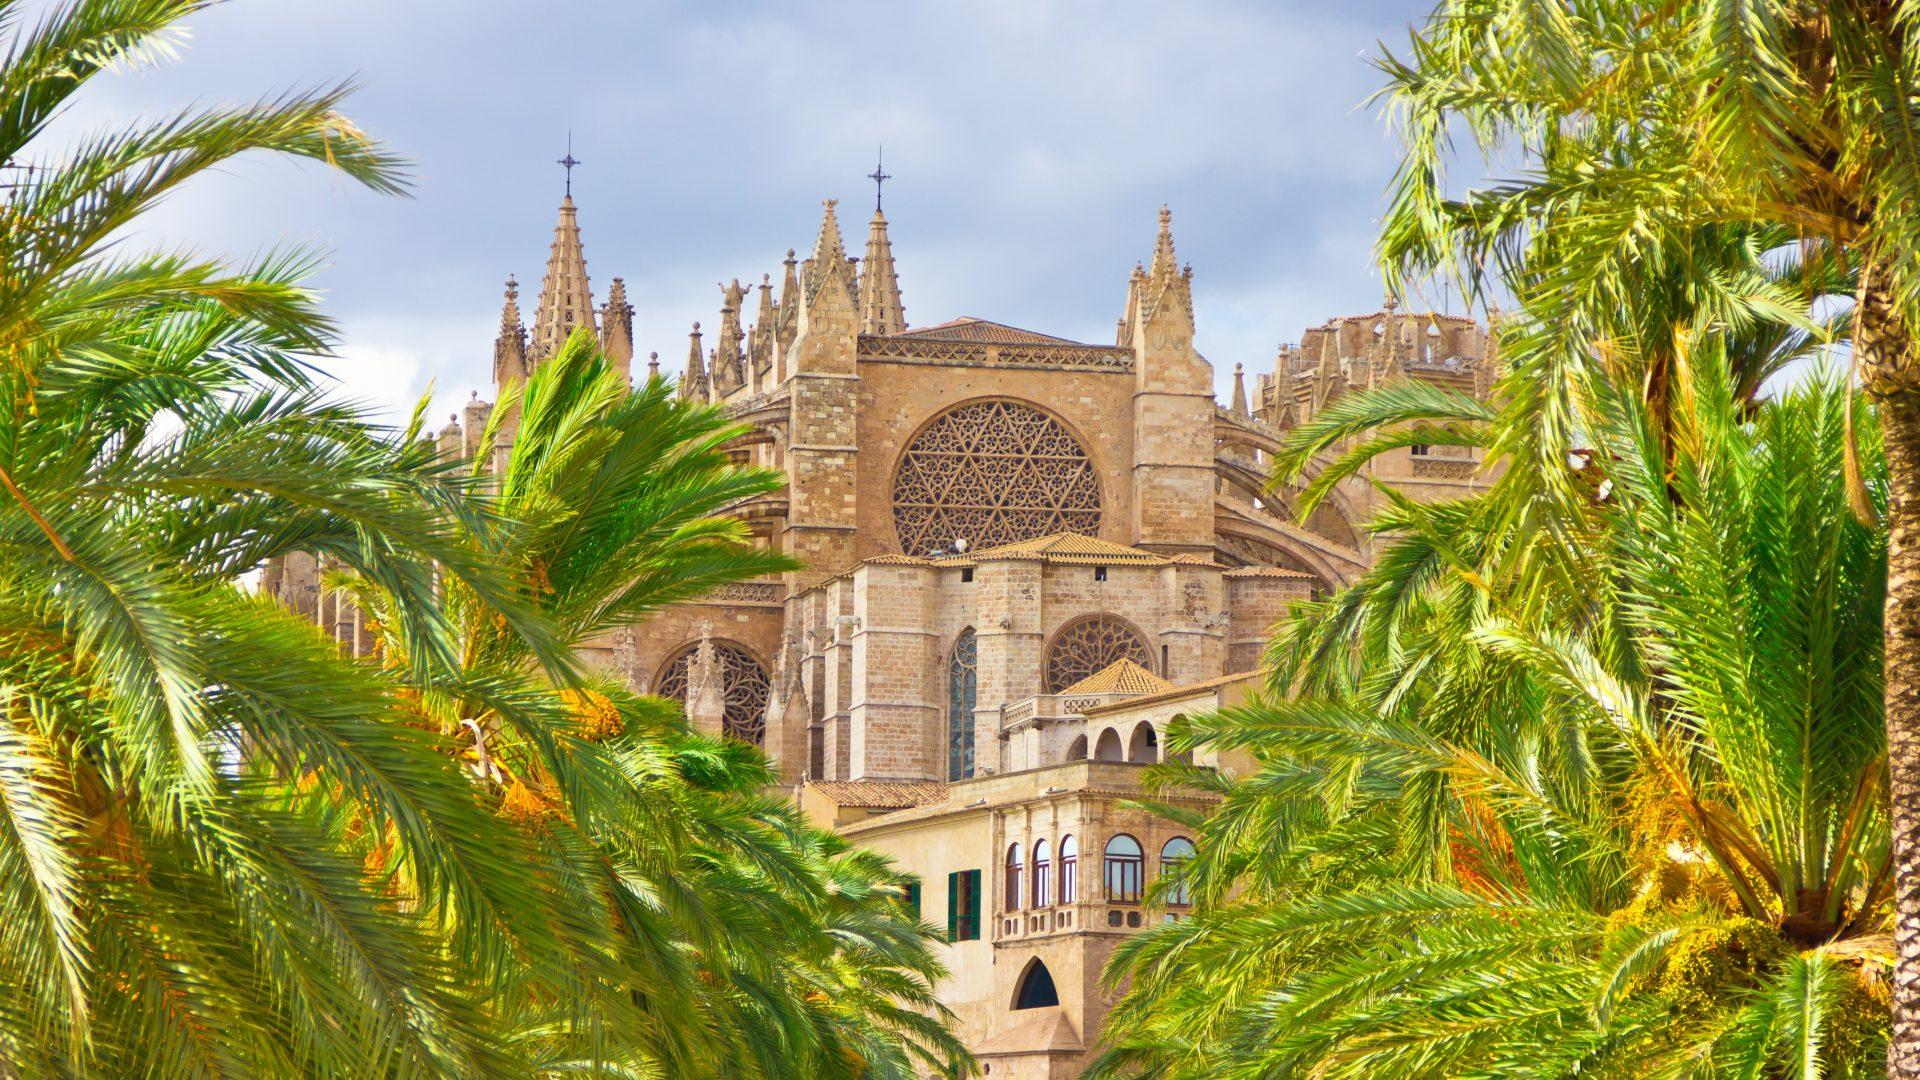 Ambiente a palma di maiorca la prima cattedrale a impatto for Pianta palma